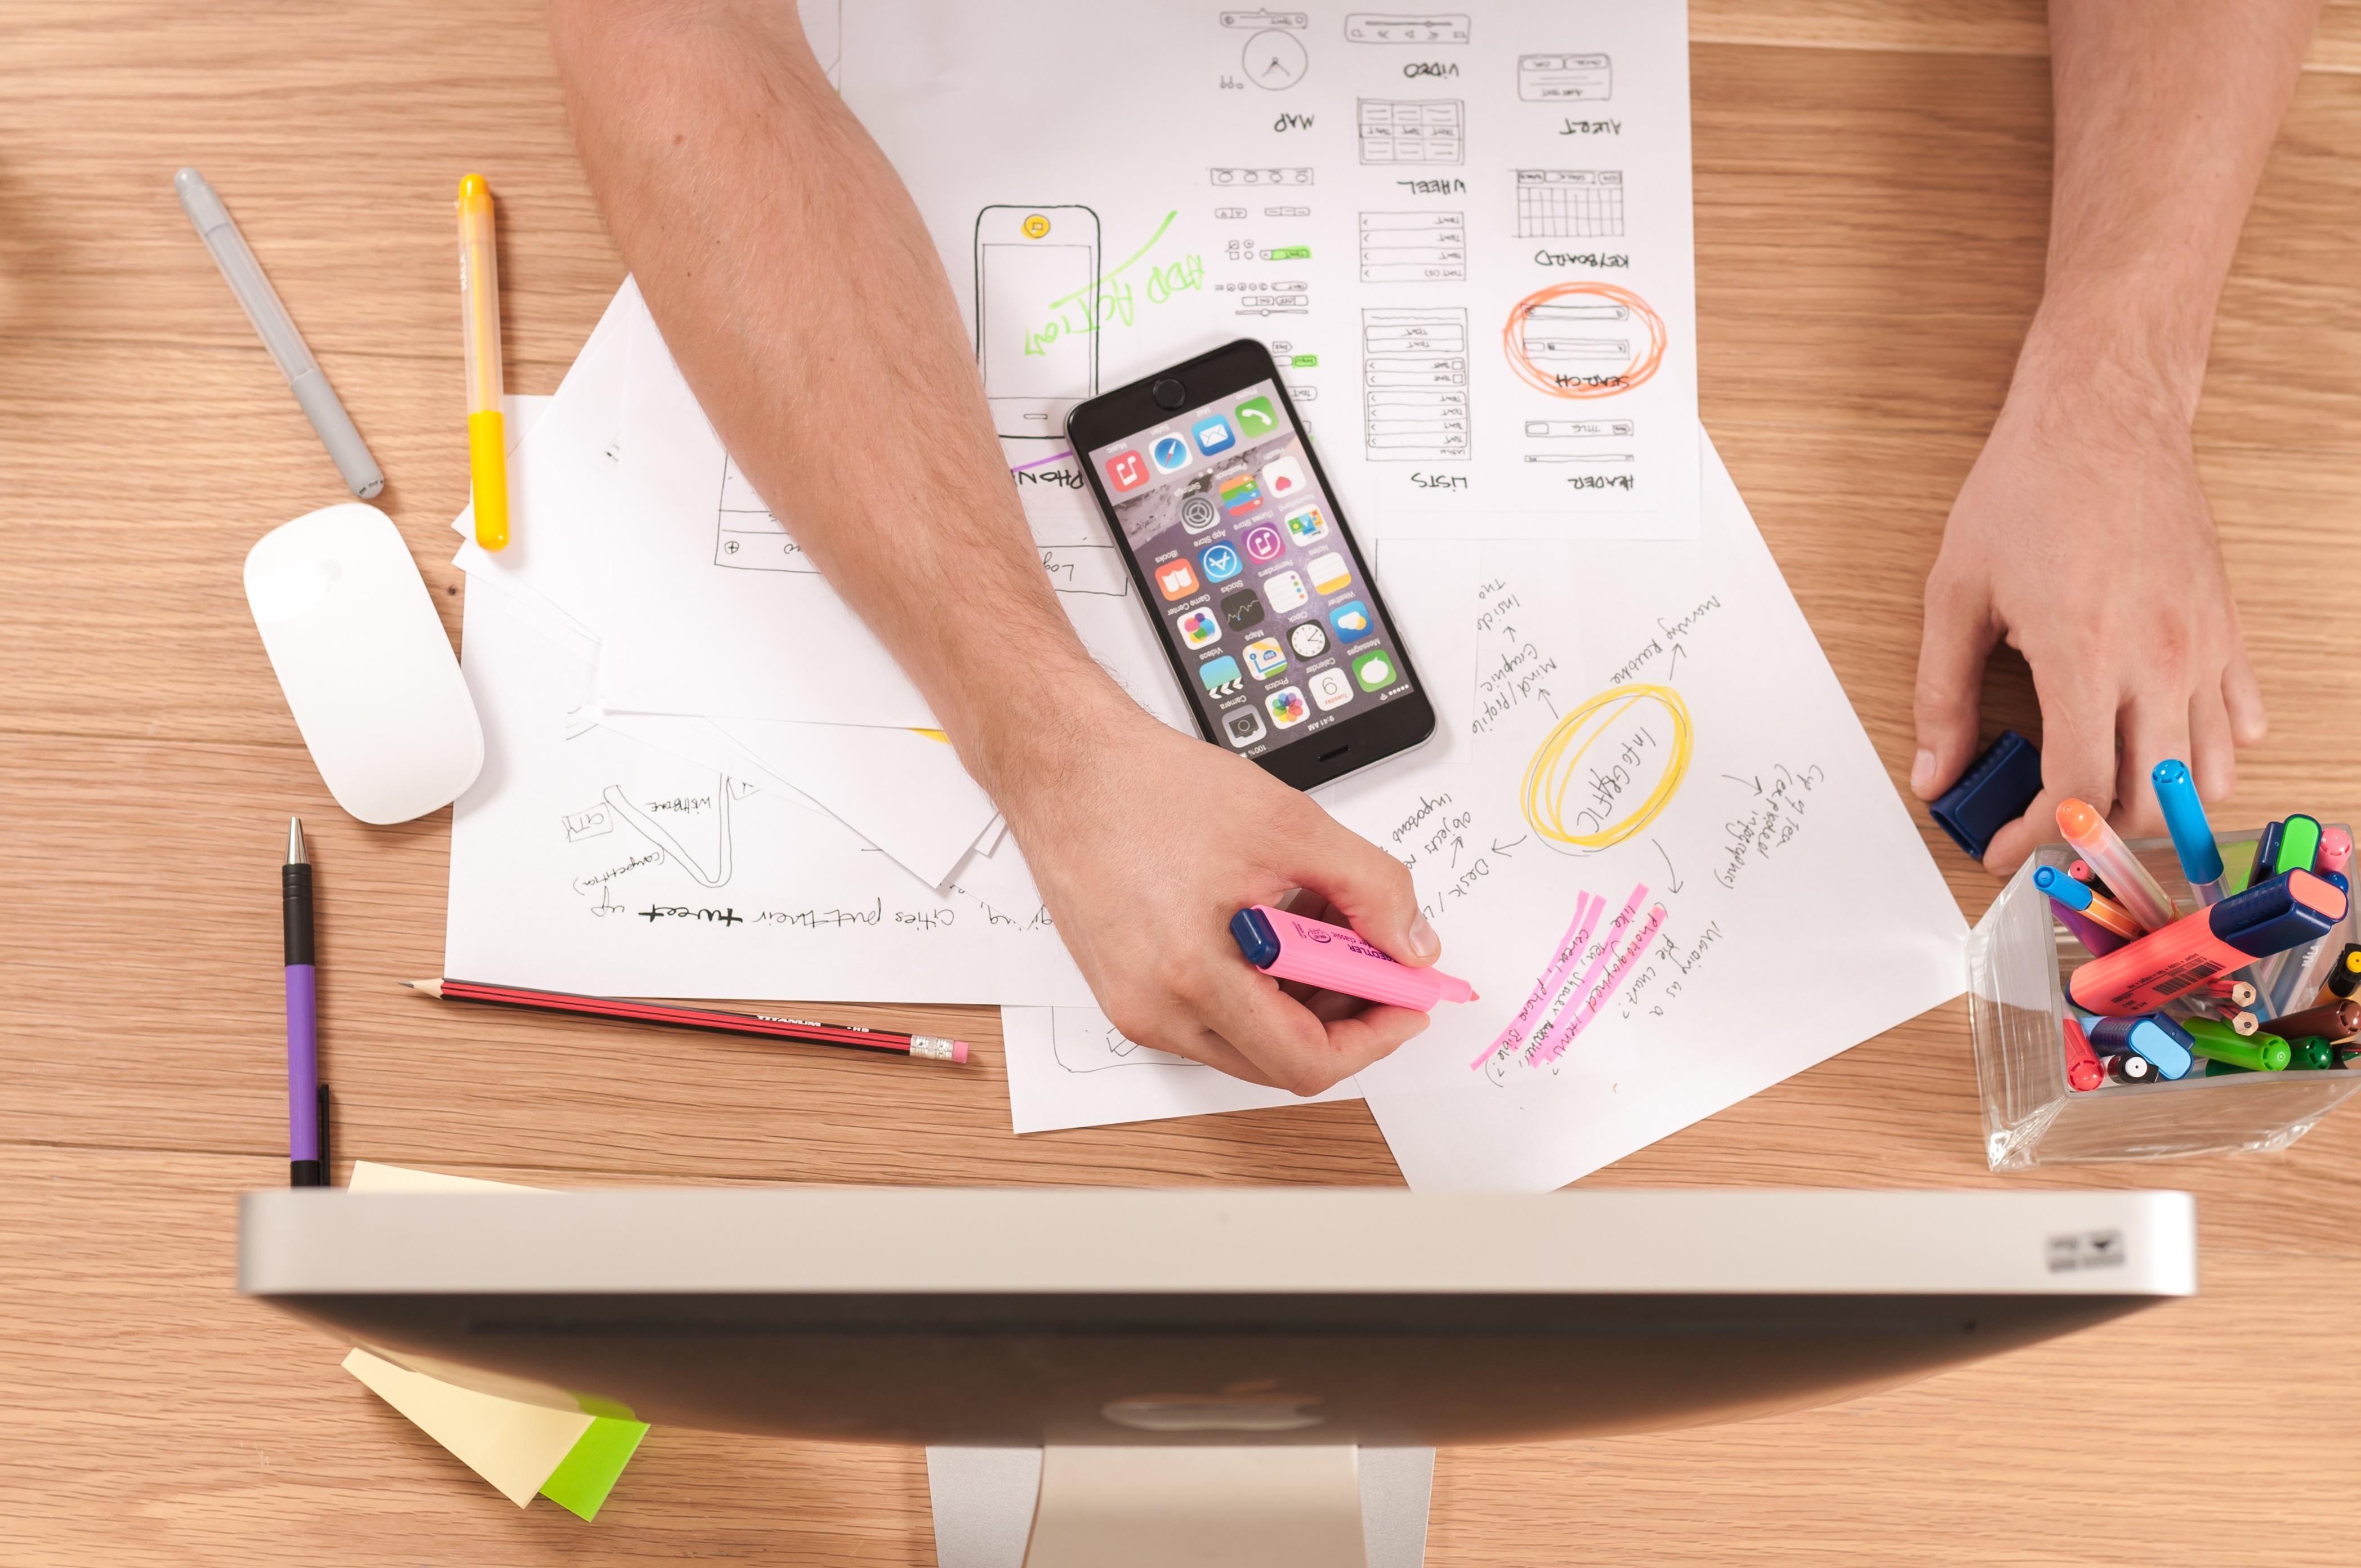 Celular y hojas de papel sobre escritorio